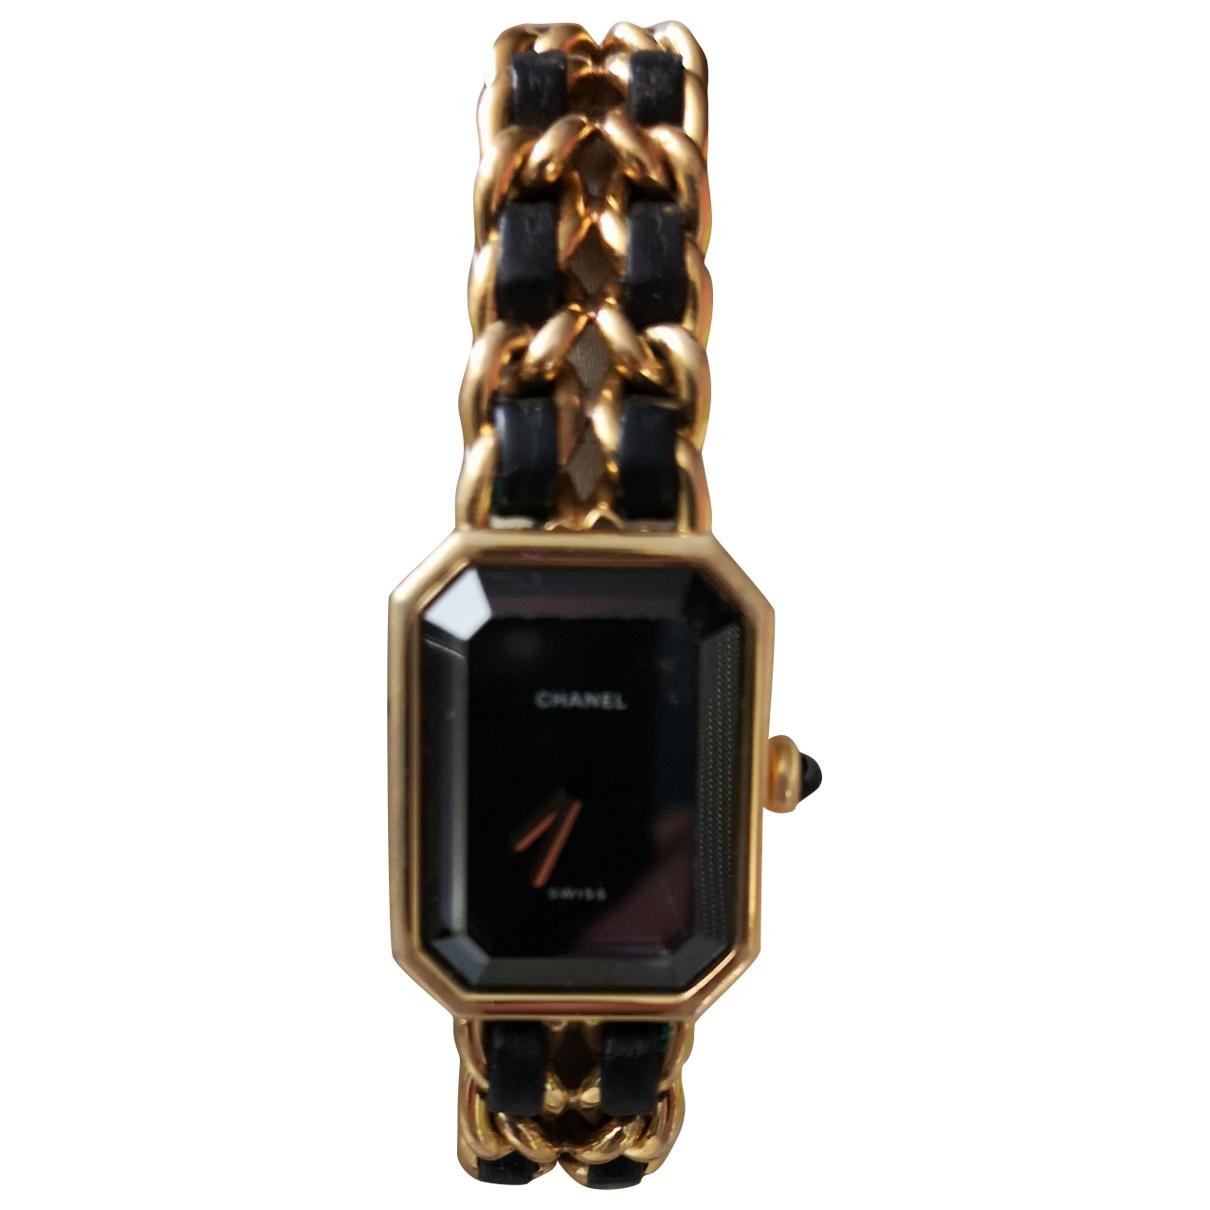 Reloj Premiere Chanel